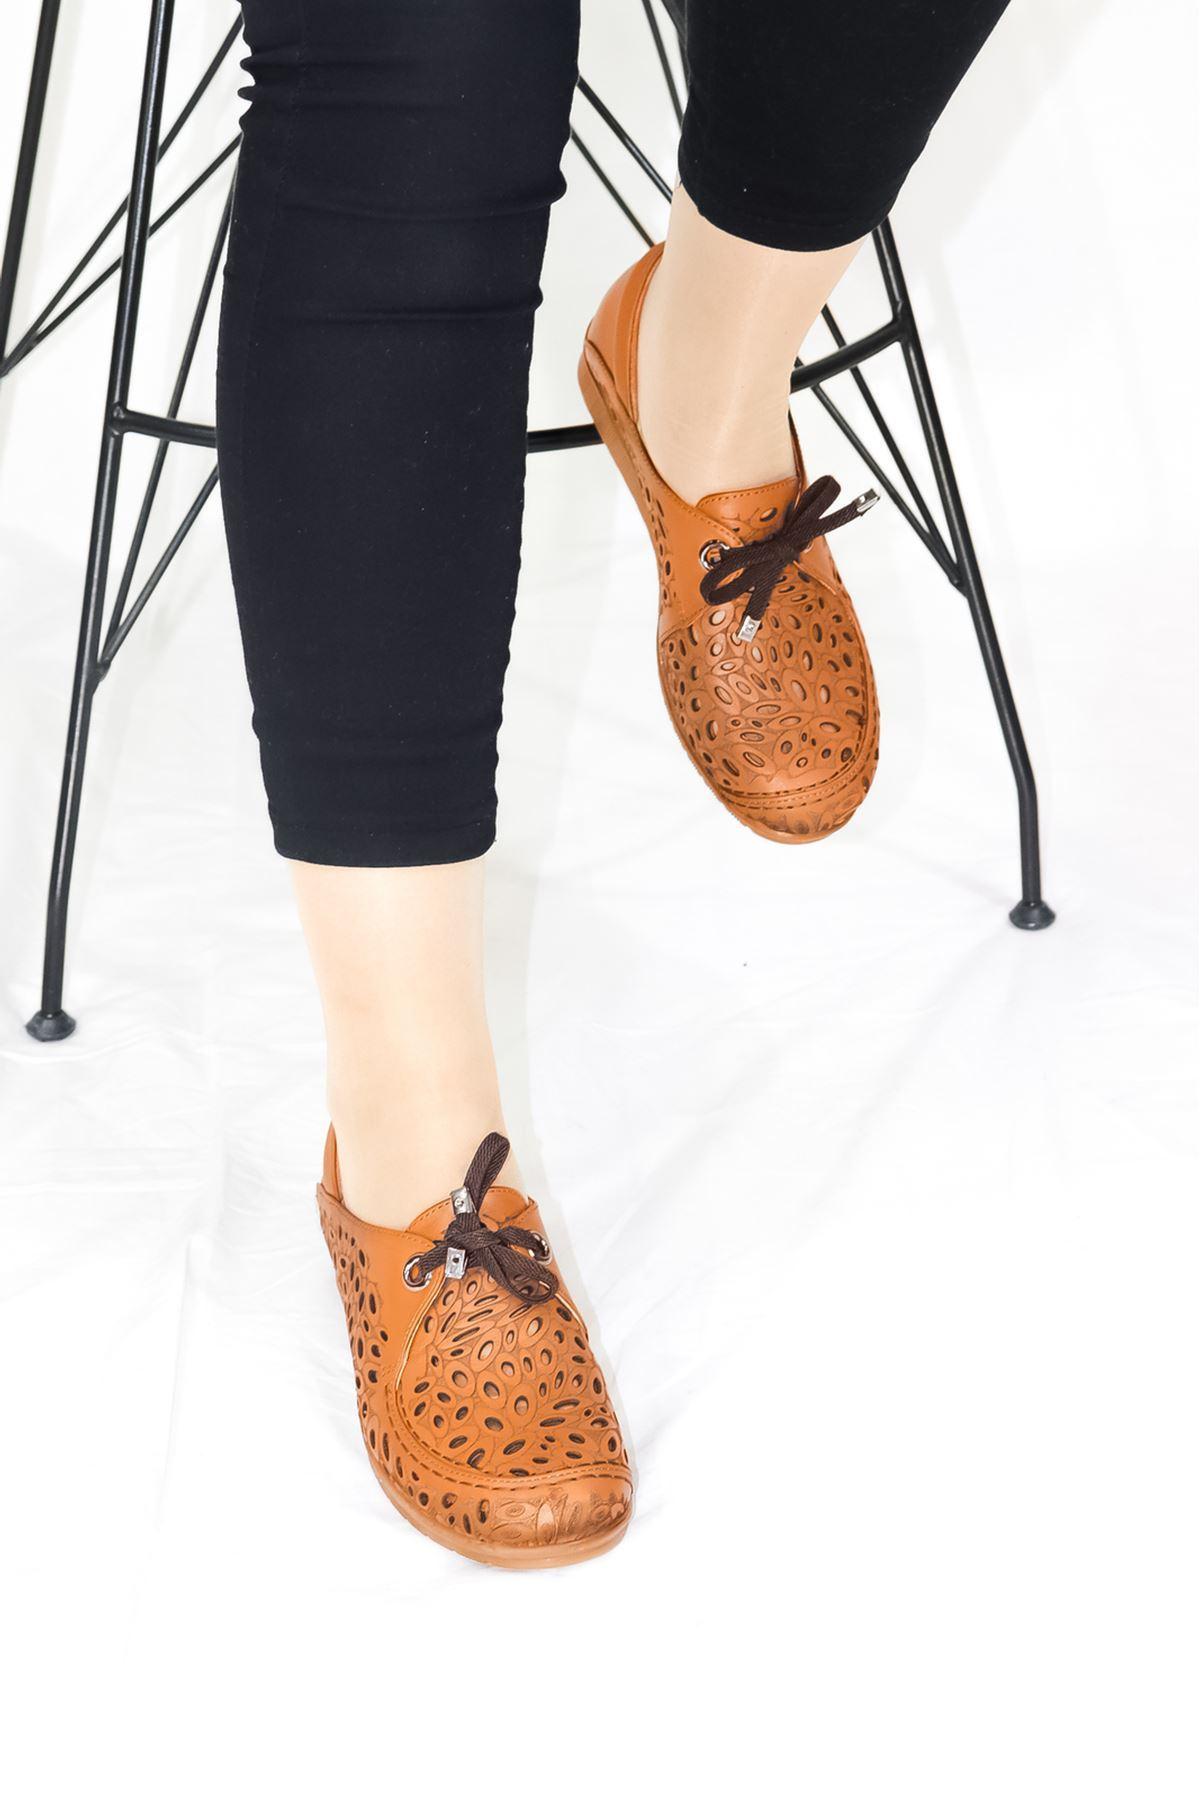 Mammamia - D21YA - 435 Taba Bağcık Detaylı Kadın Ayakkabısı